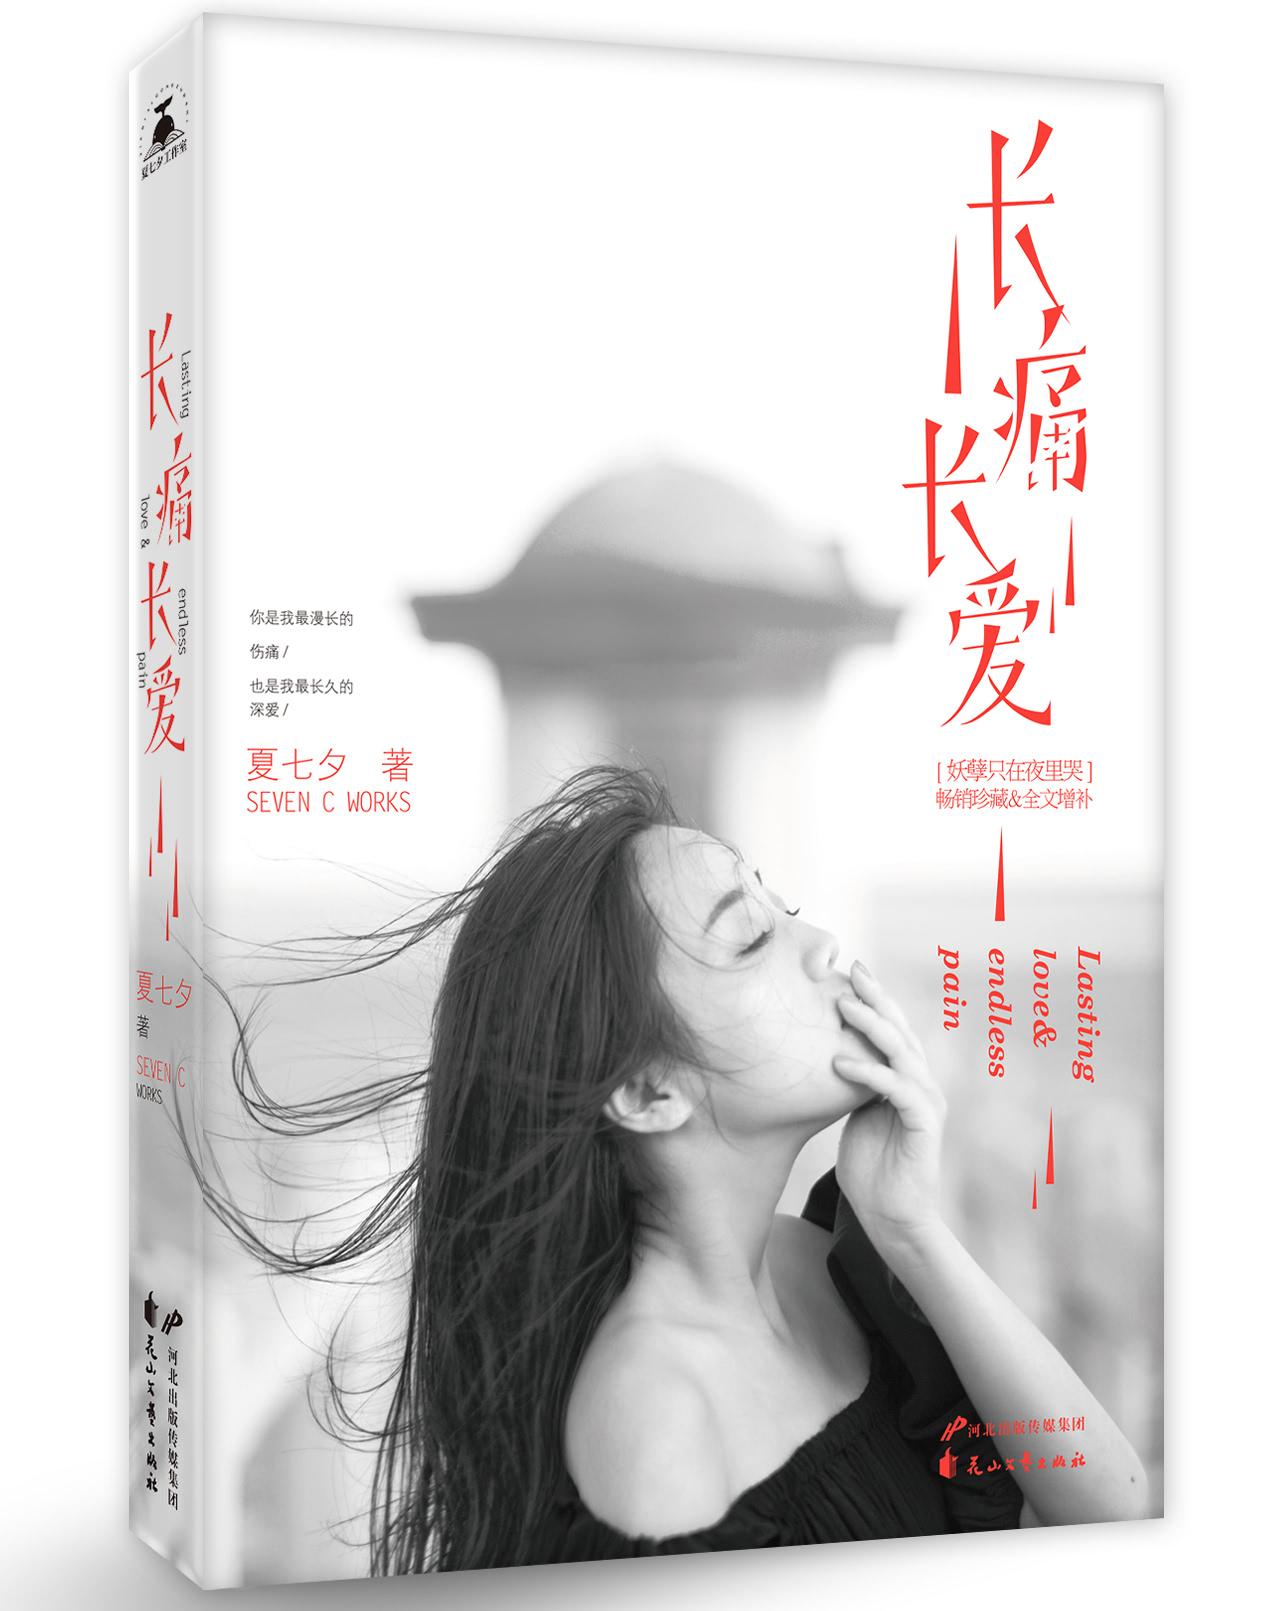 夏七夕所有小说下载_夏七夕的小说 _排行榜大全